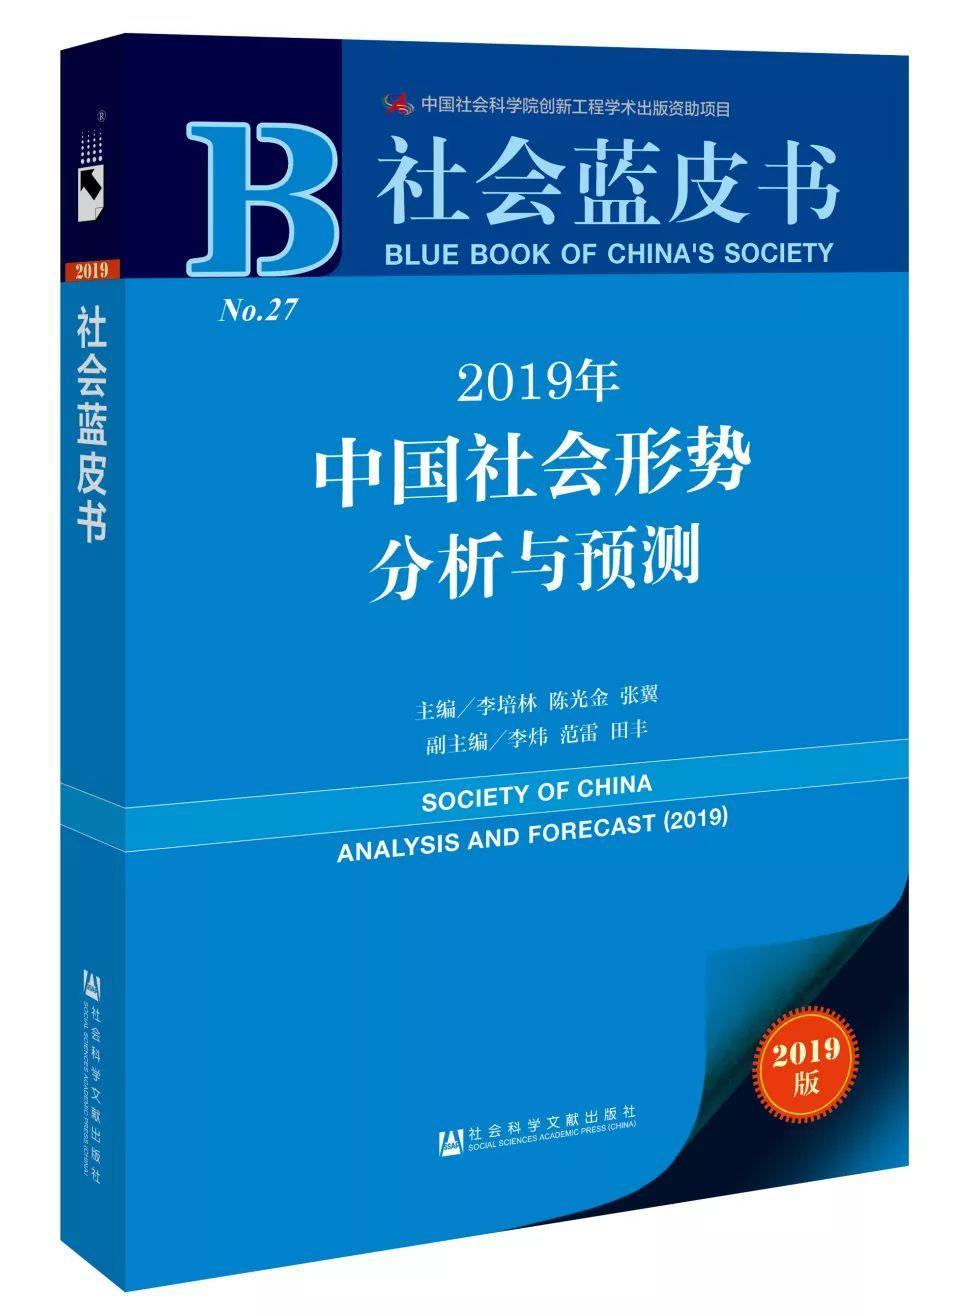 2019國內經濟圖書_...《中國道路》系列圖書第二期中9本和《京名片》系列5本圖書舉行...